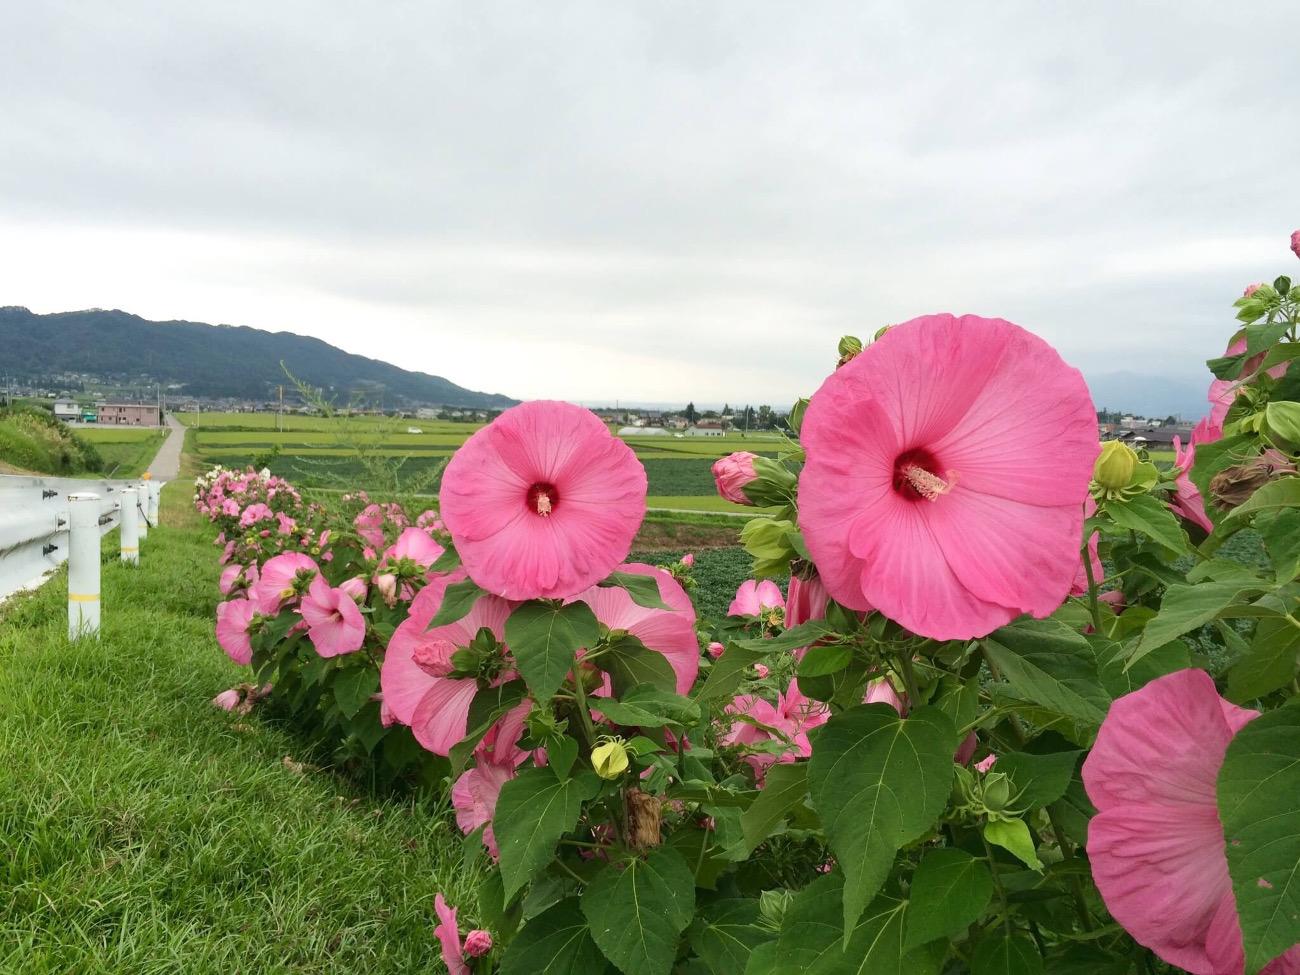 ビビッドな一日花「アメリカフヨウ」|季節に咲く野の花を愛でる(8月)